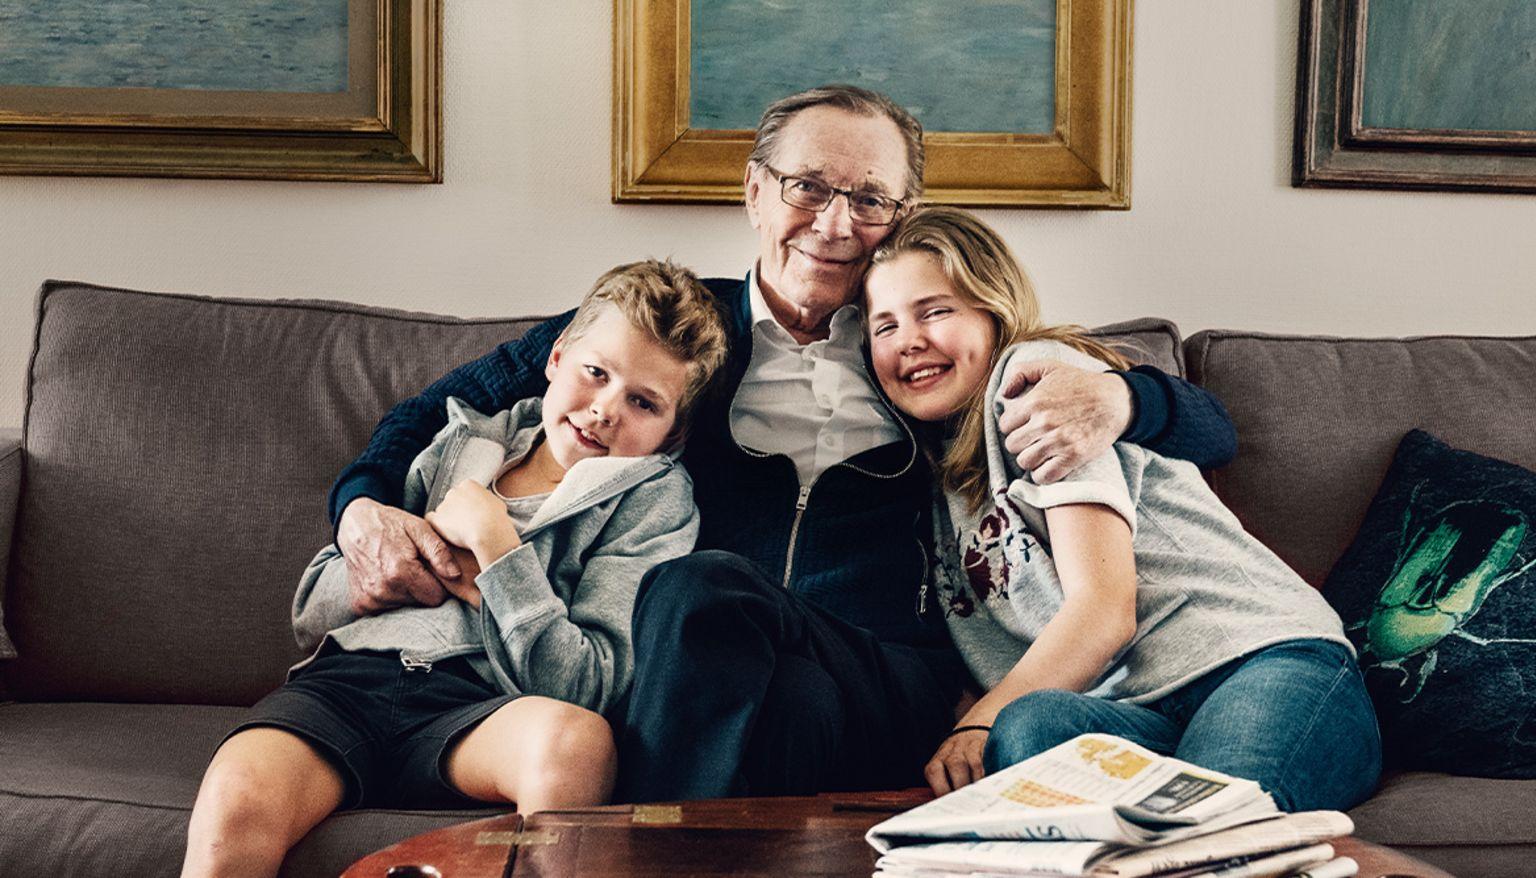 Morfar sitter i en soffa med barnbarn.